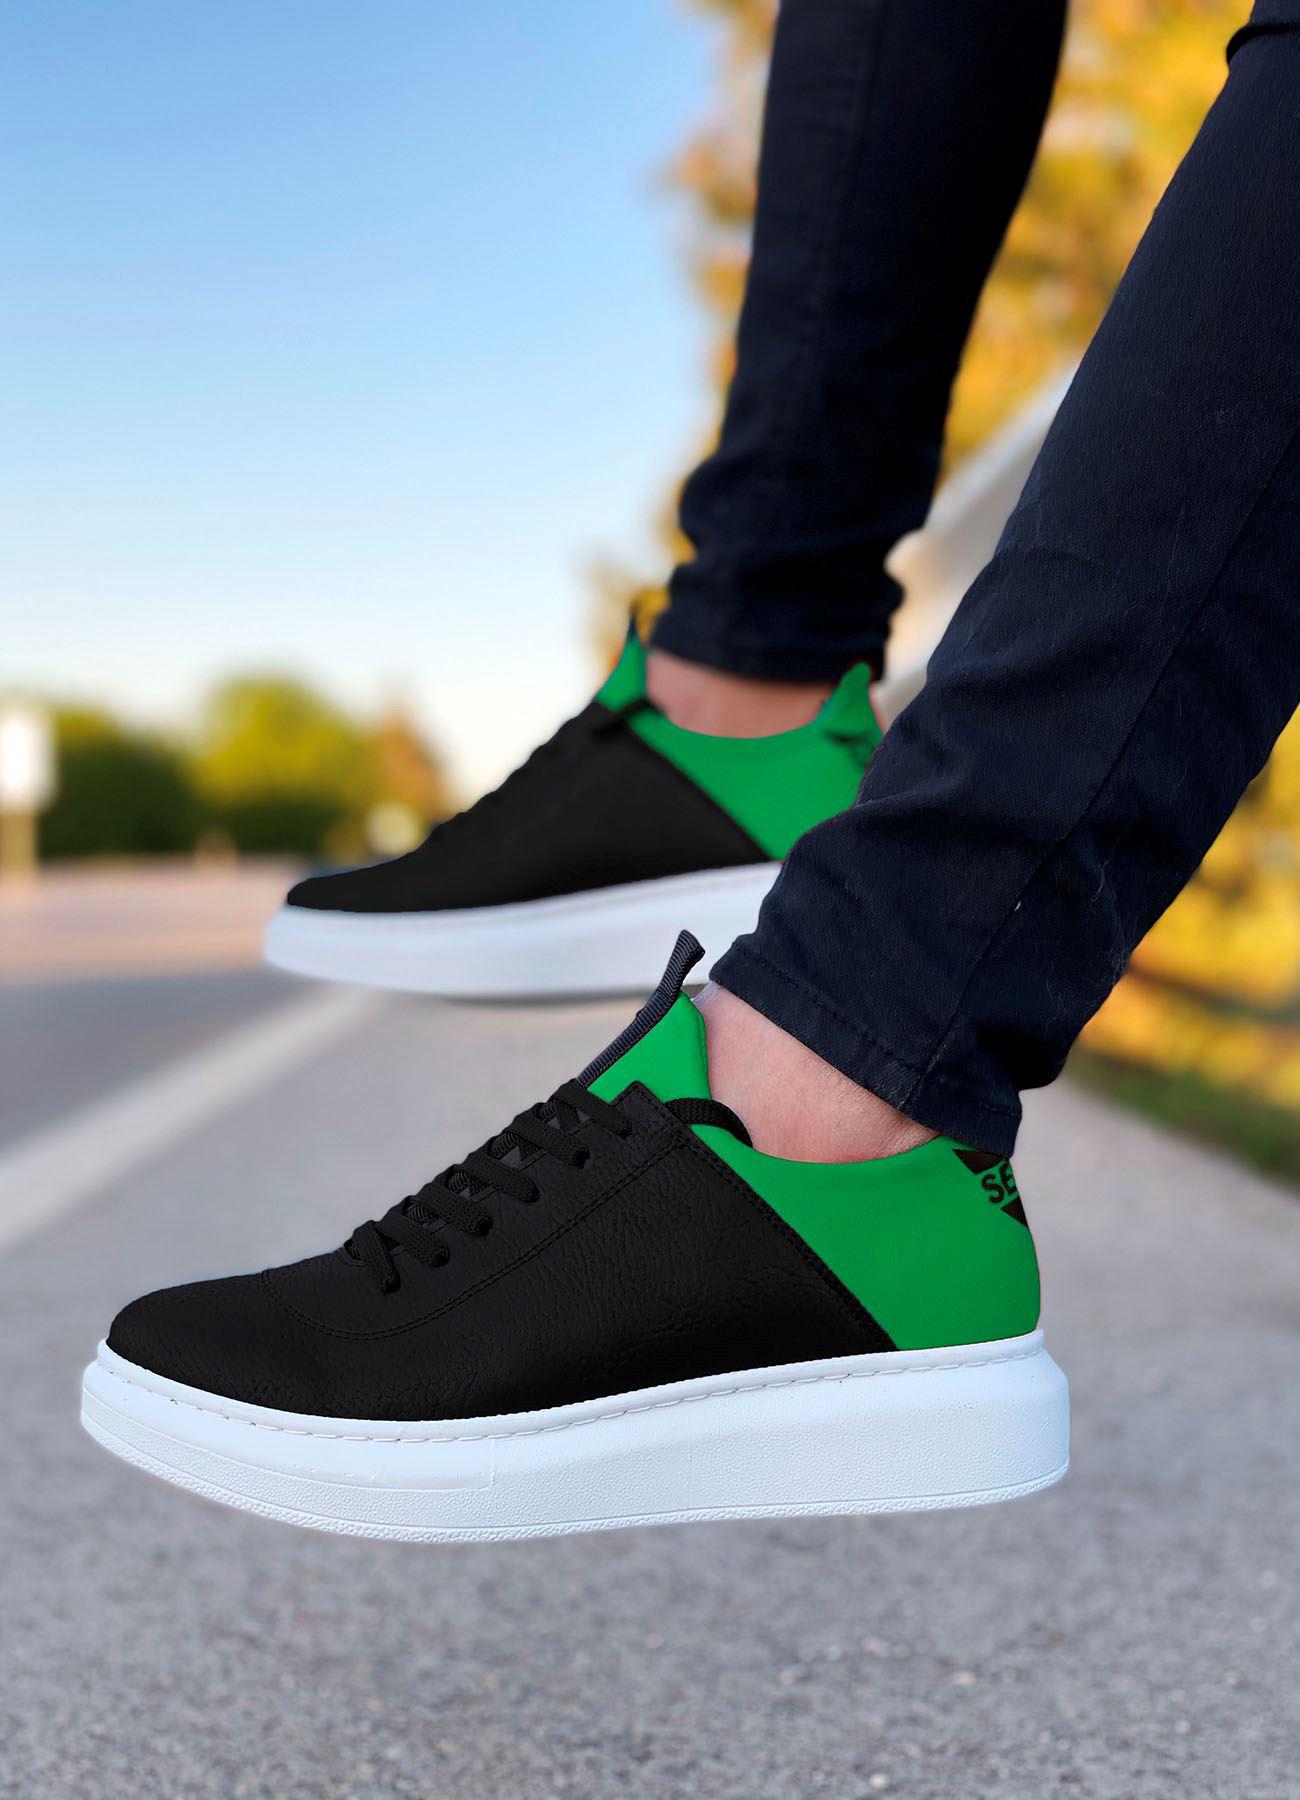 Serenze Yeşil Siyah Erkek Spor Ayakkabı